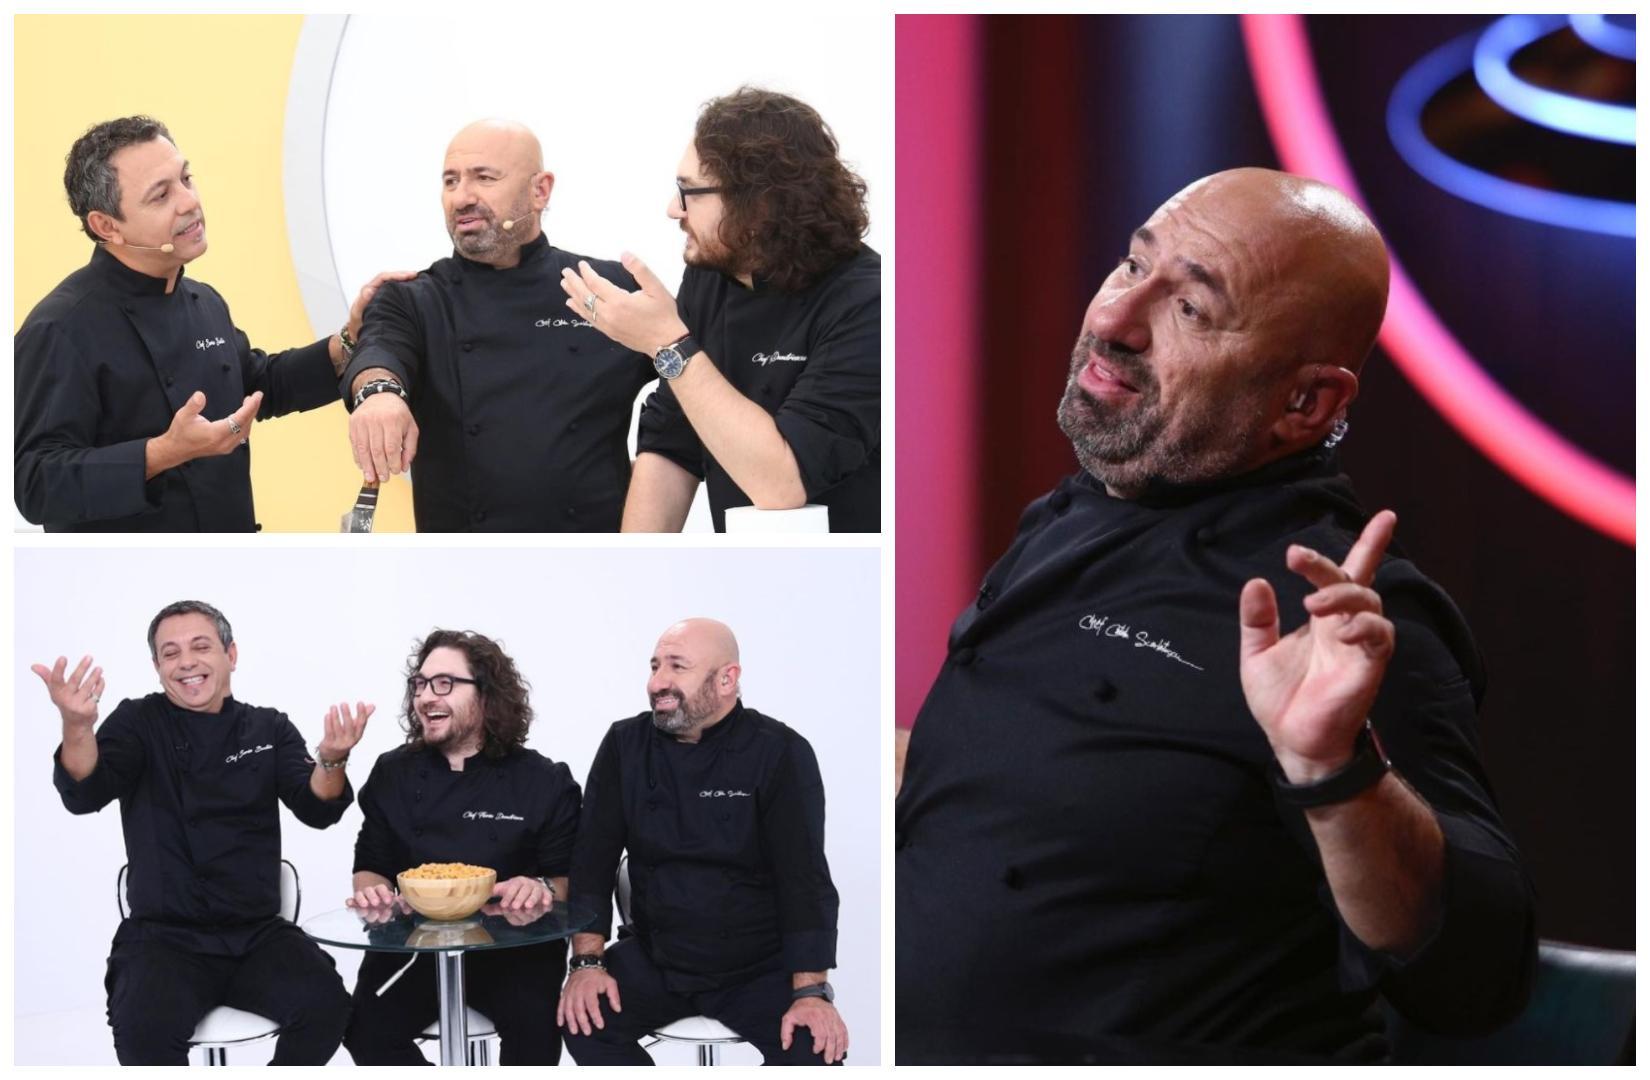 Colaj cu Florin Dumitrescu, Sorin Bontea și Cătălin Scărlătescu, în sezonul 9 de Chefi la cuțite